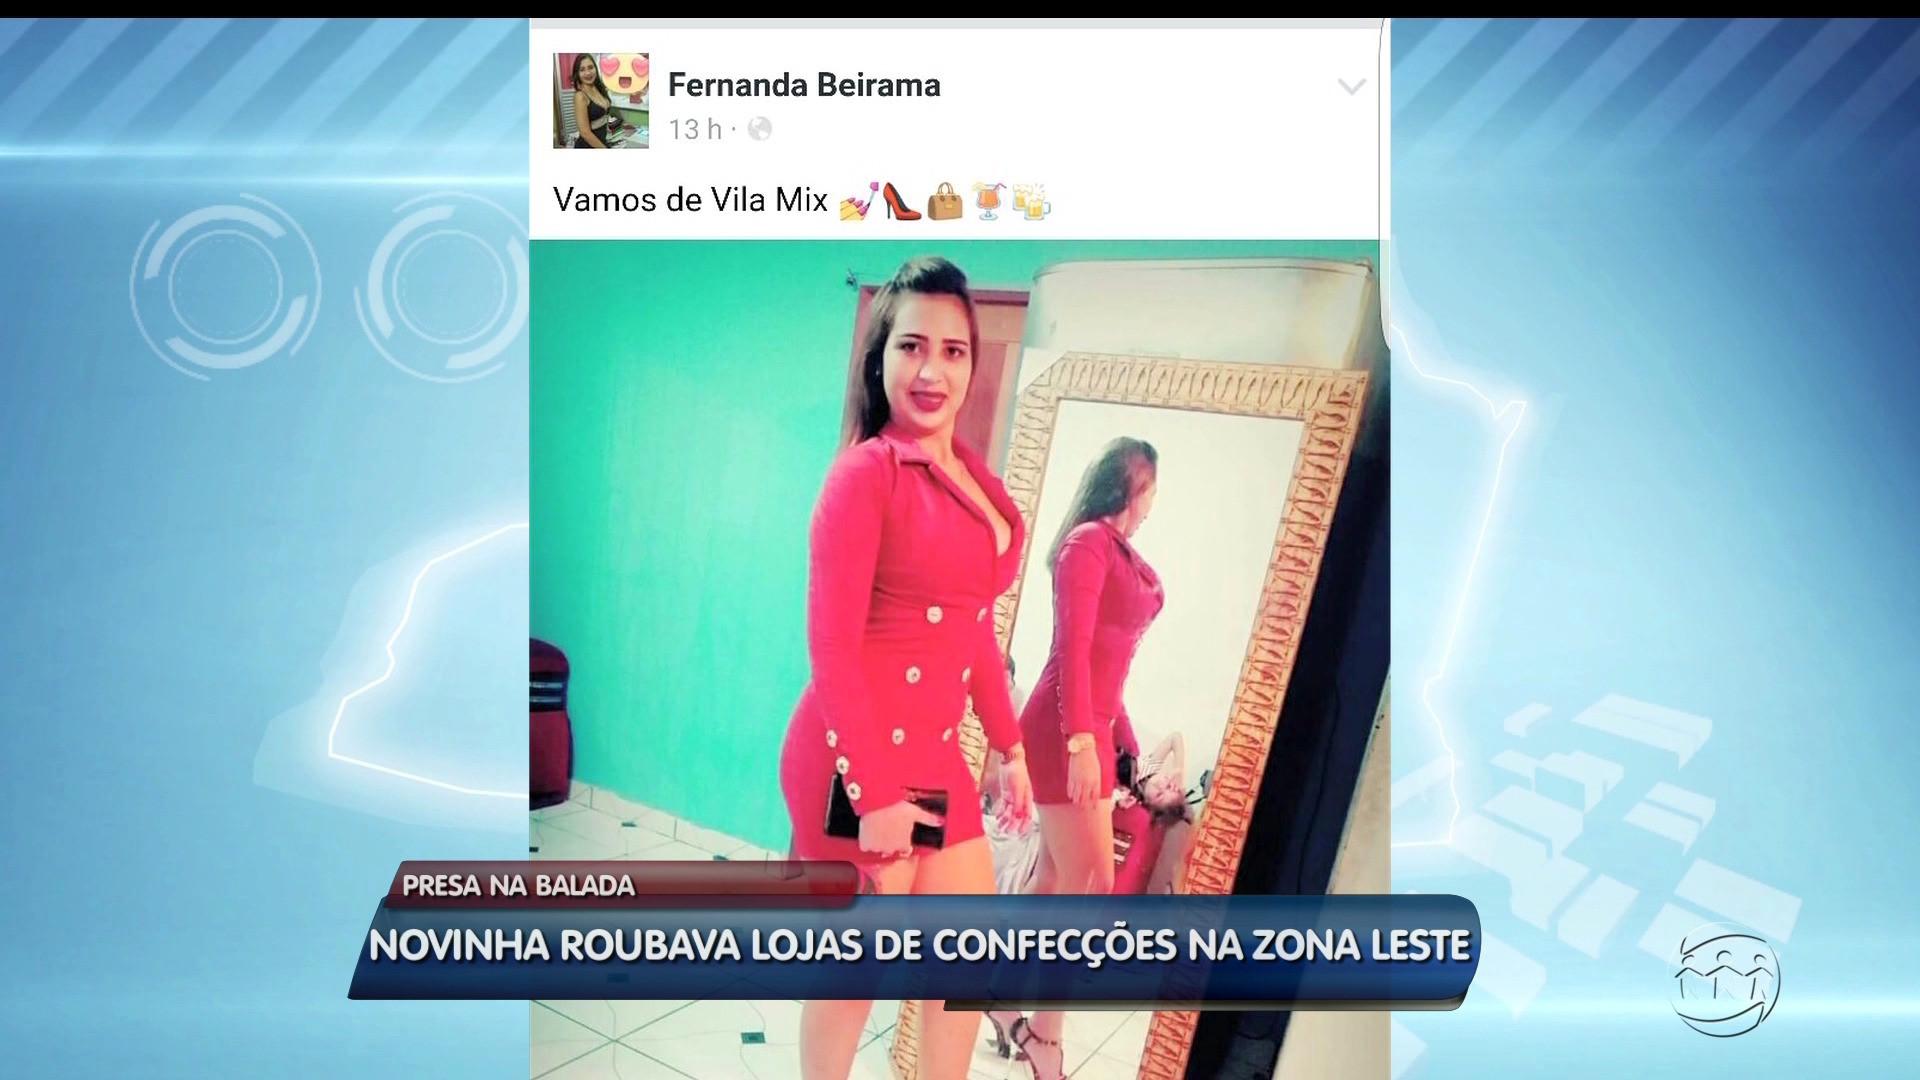 MULHER É PRESA APÓS POSTAR FOTO COM ROUPA ROUBADA NA INTERNET